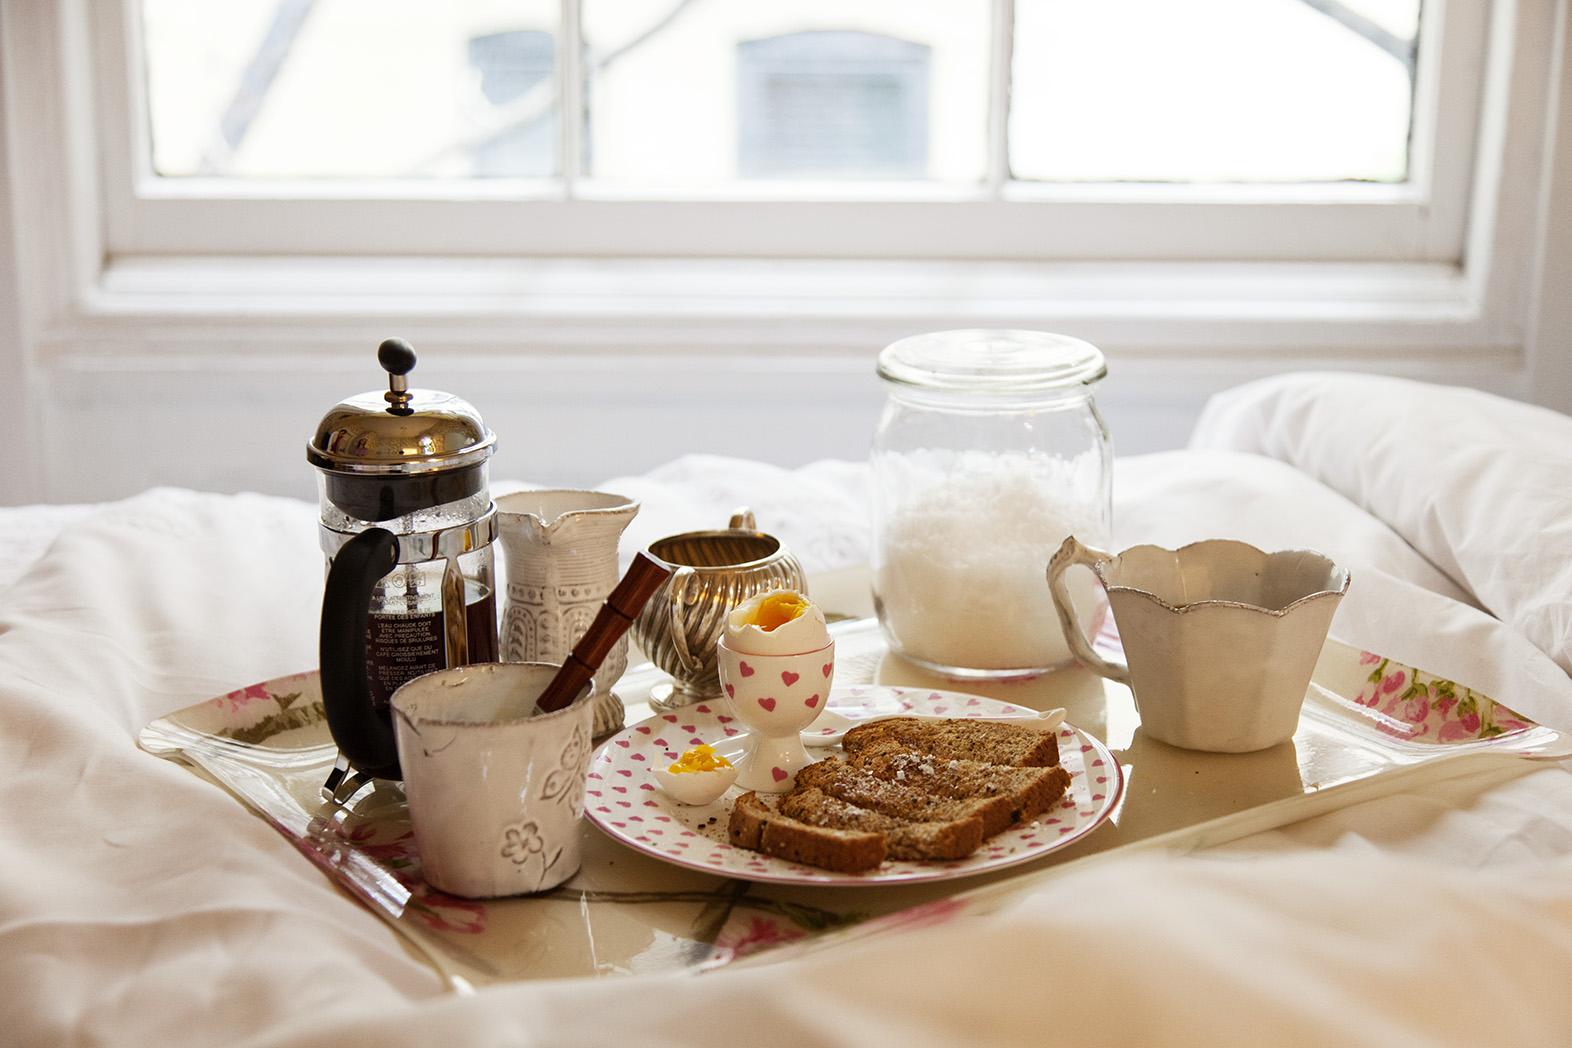 Dispara a su novio por llevarle el desayuno a la cama